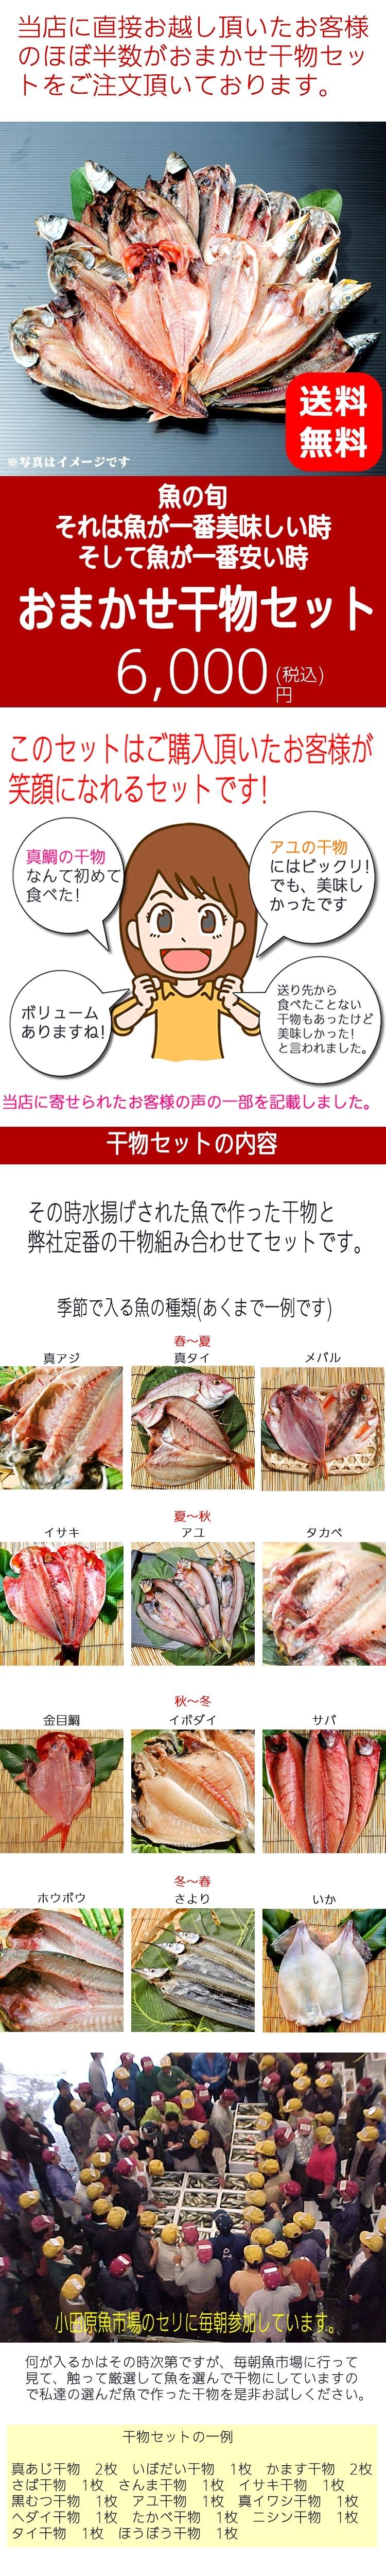 何が入るかわかりませんが、魚は安い時が一番美味い、所謂「旬」となります。毎朝小田原の魚市場に行って、魚を見て、自社加工場で干物を生産しているからこそできるこのおまかせ干物セット おやっ?と思うひものが入るかもしれません。